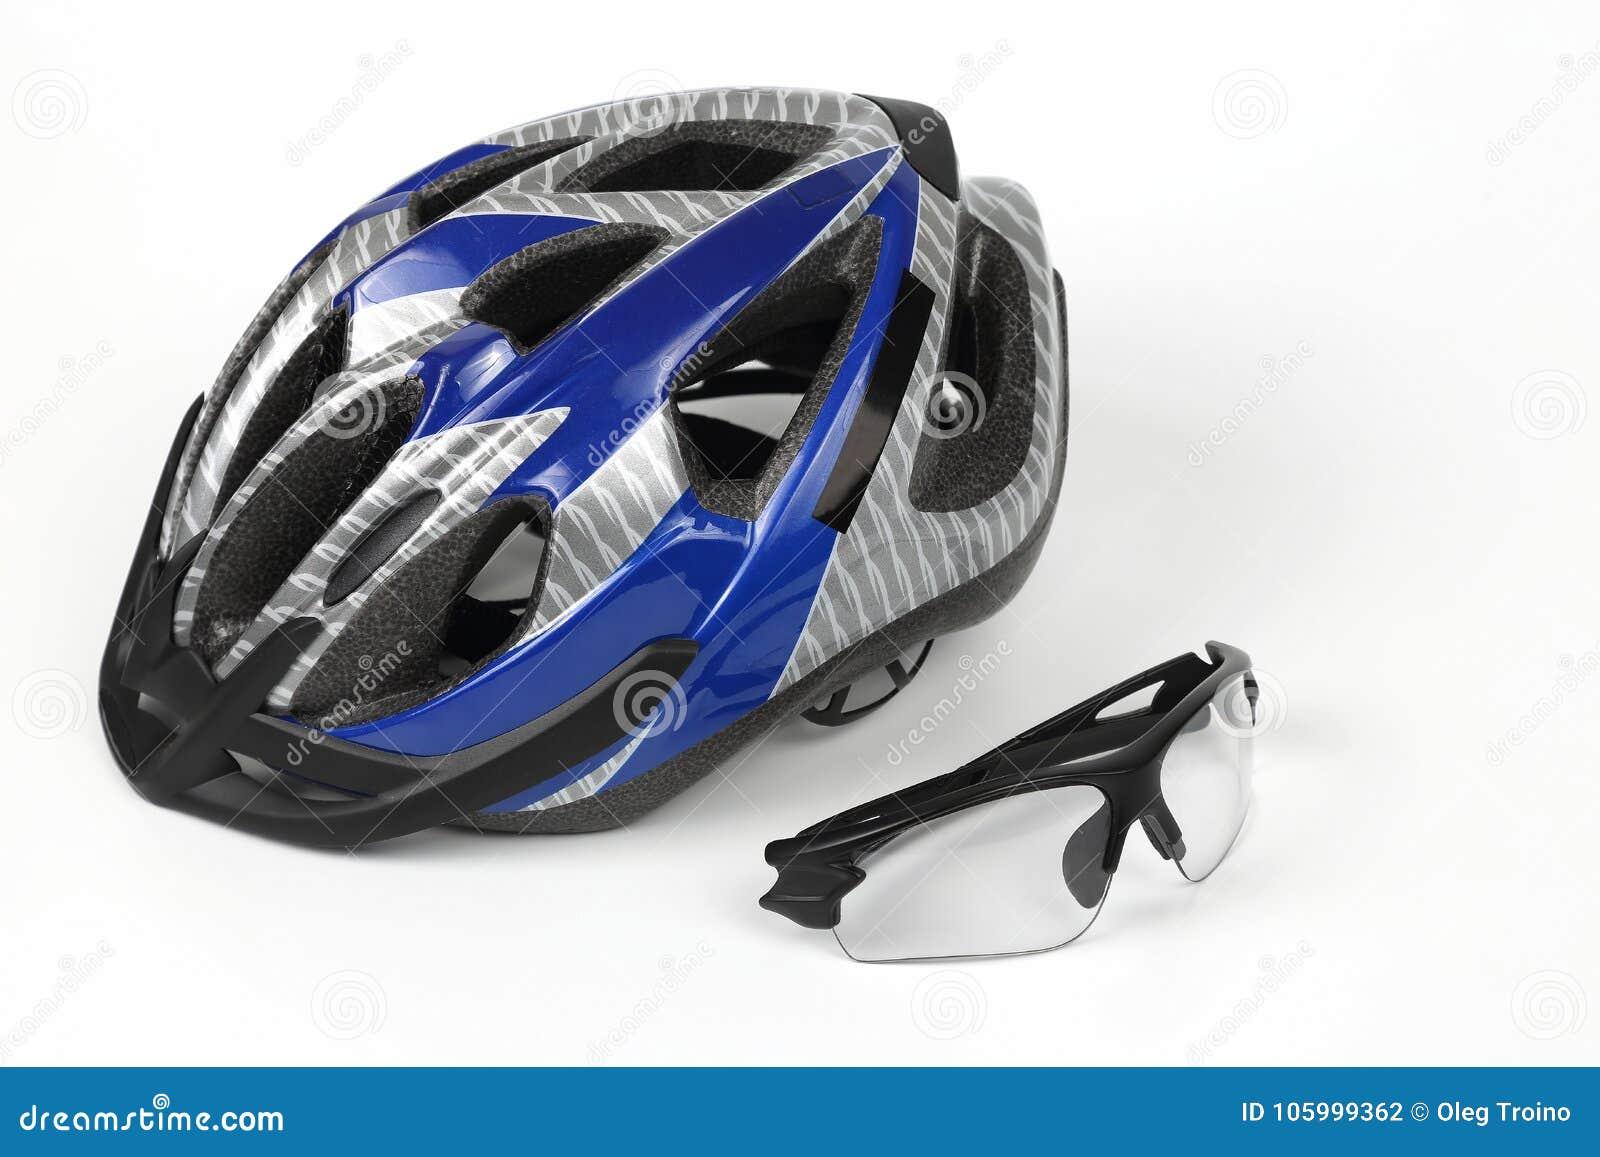 骑自行车在盔甲的背景的透明玻璃